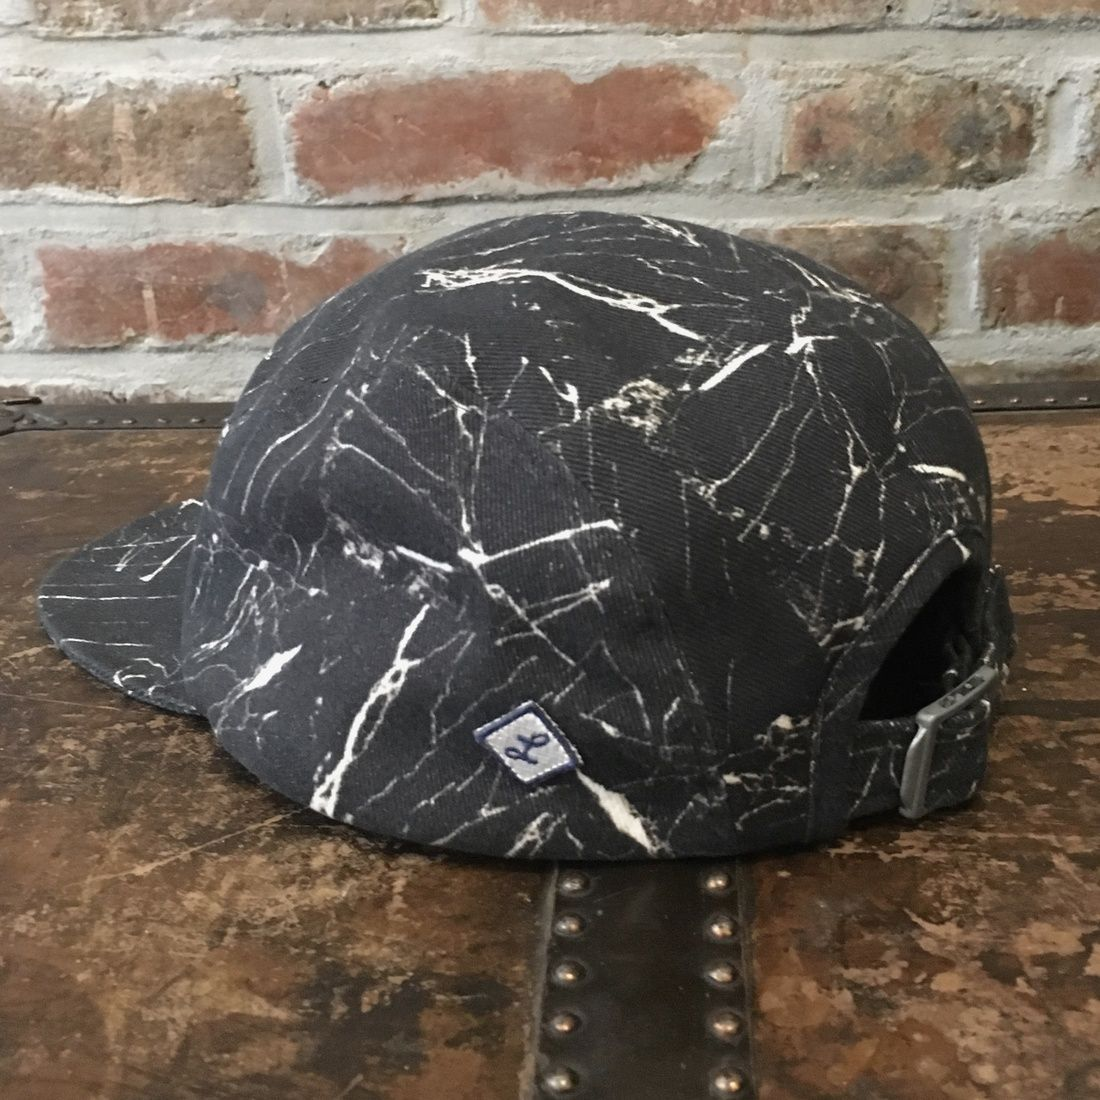 0c06dcf9d02 Larose Paris Larose Paris 5 Panel Black Marble Cotton Twill Cap Hat Size  One Size  43 - Grailed